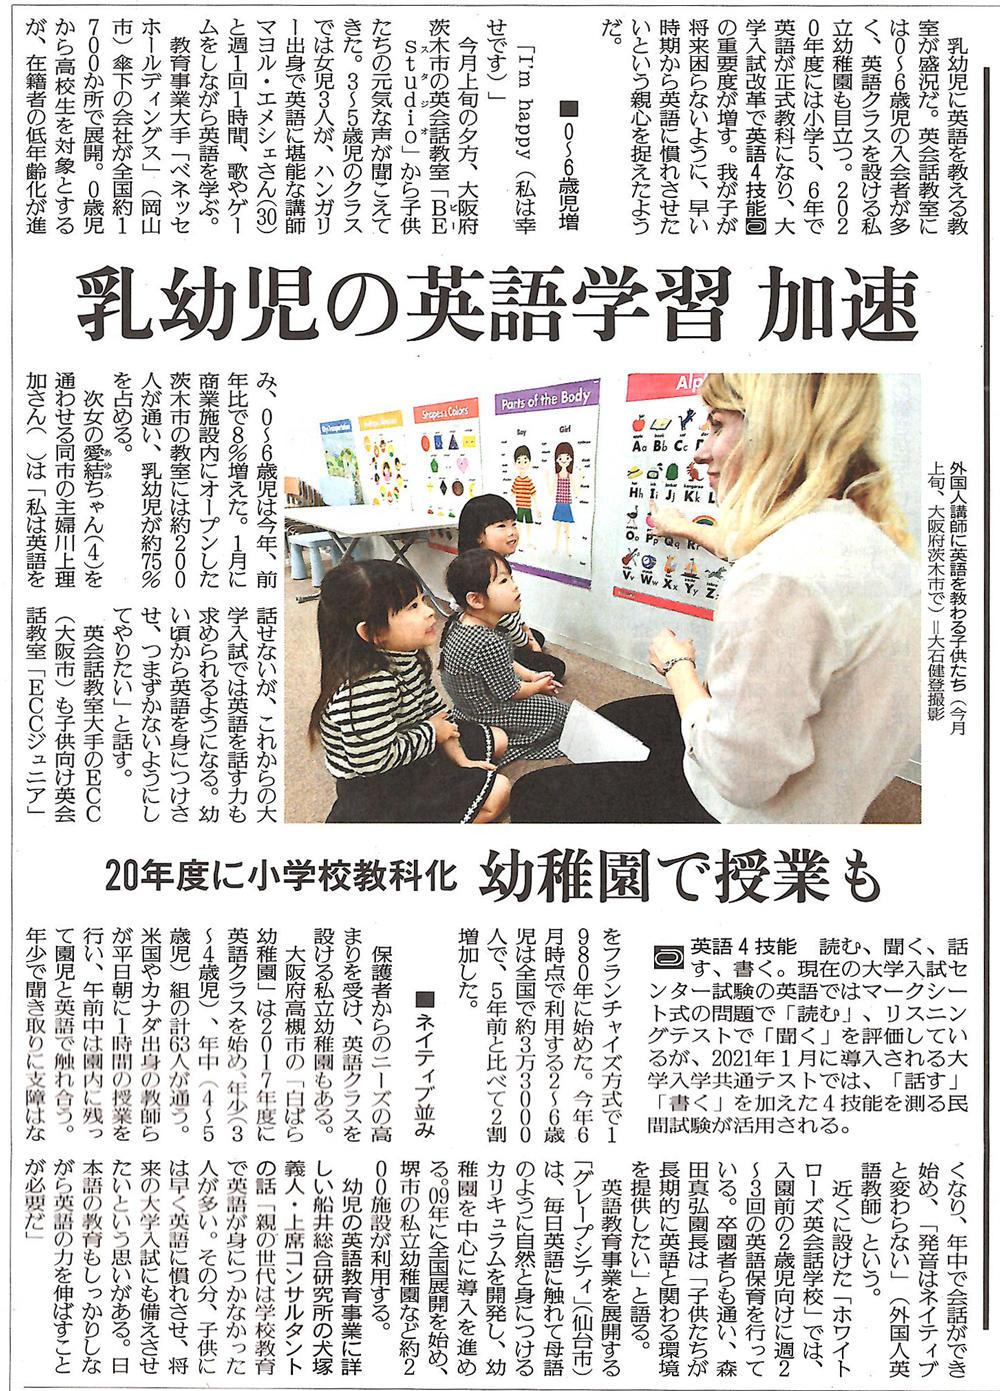 読売新聞関西版:2018年11月28日掲載「乳幼児の英語学習 加速」